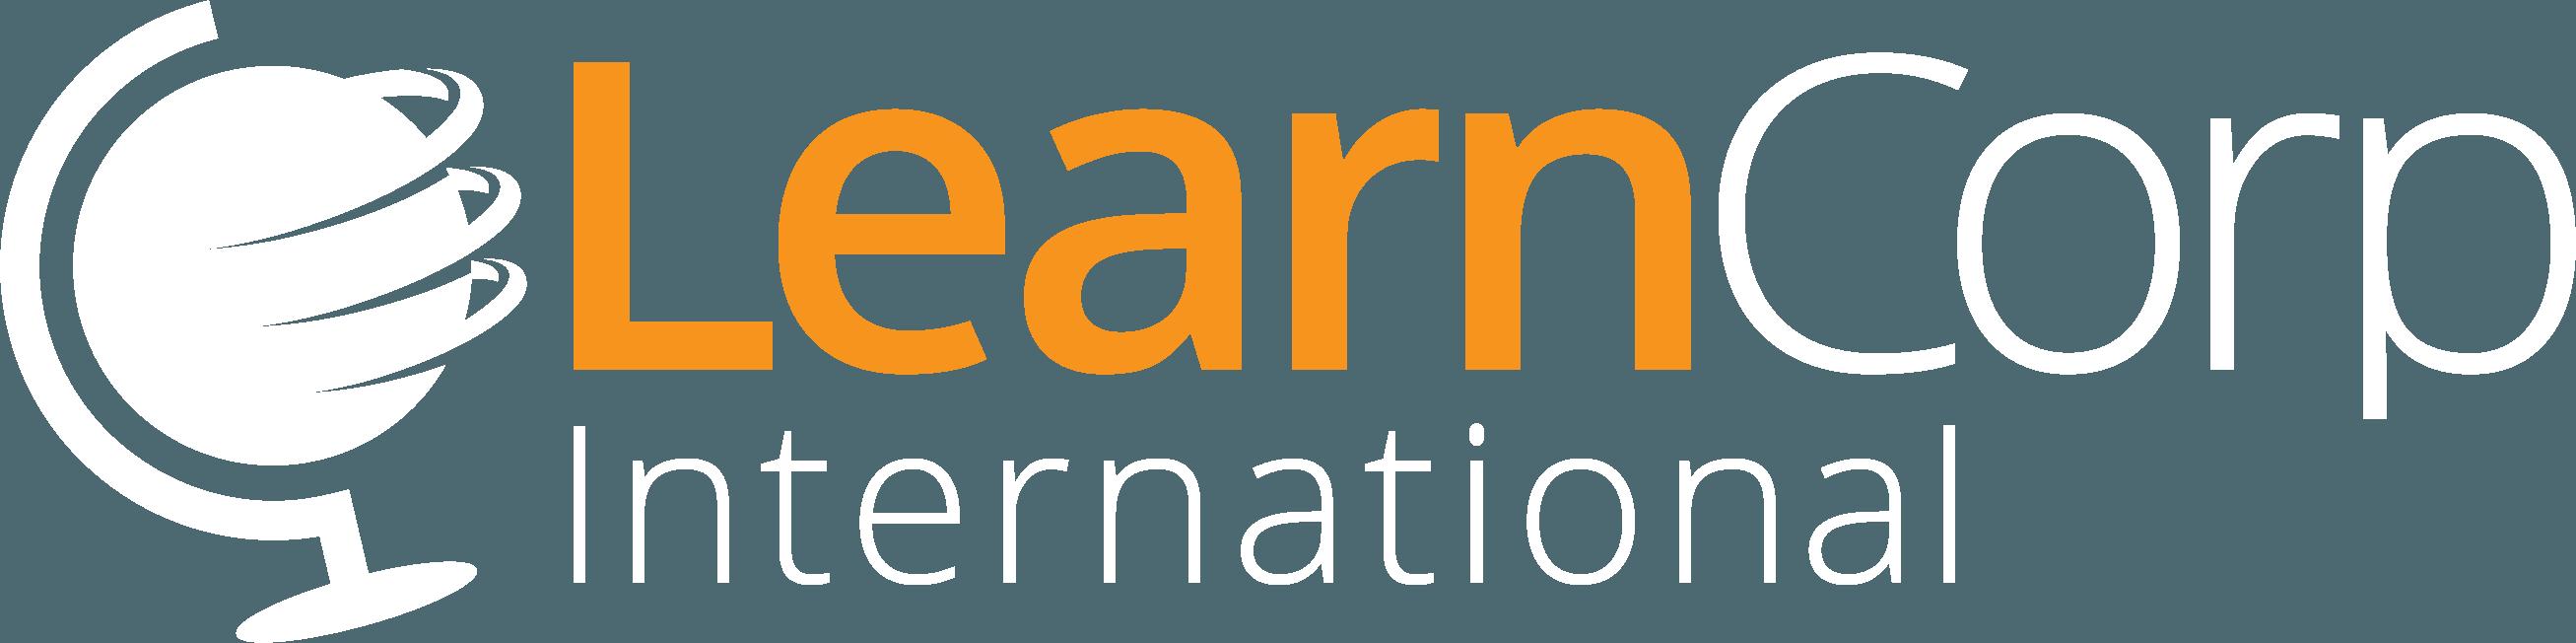 LearnCorp